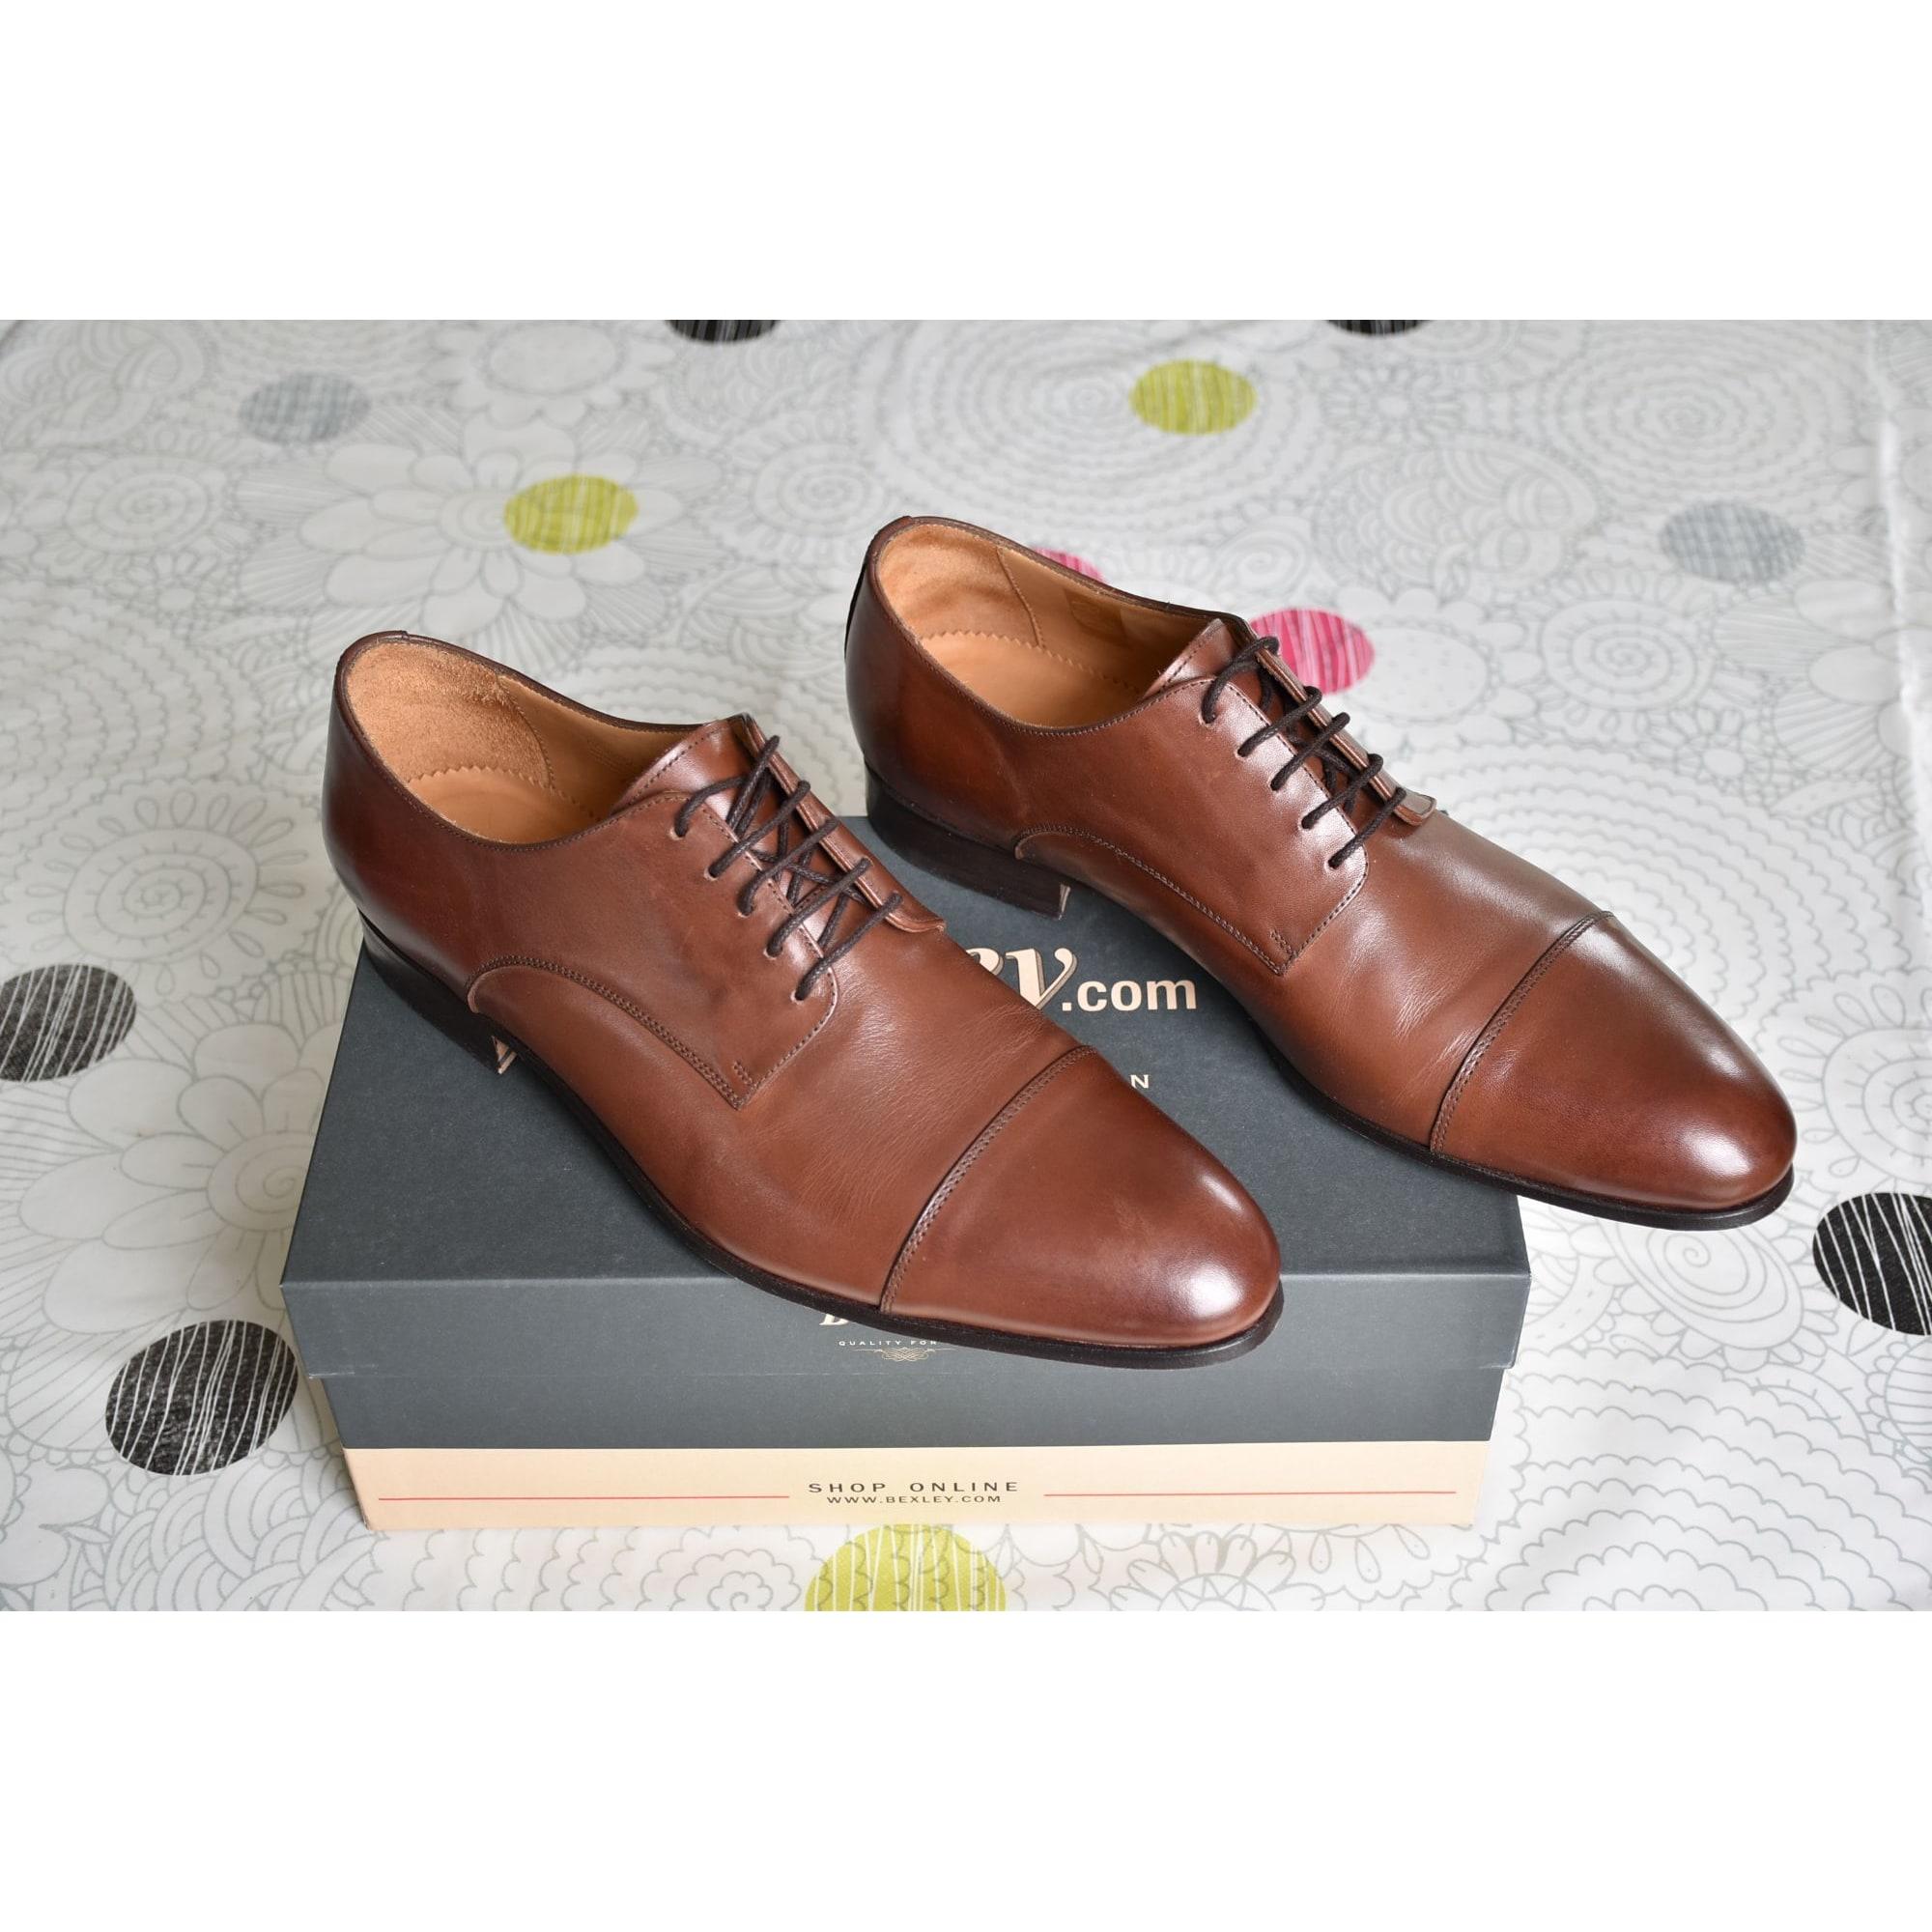 Chaussures à lacets BEXLEY 44 marron vendu par Gtch-fr - 7761694 8576eb92b6bb